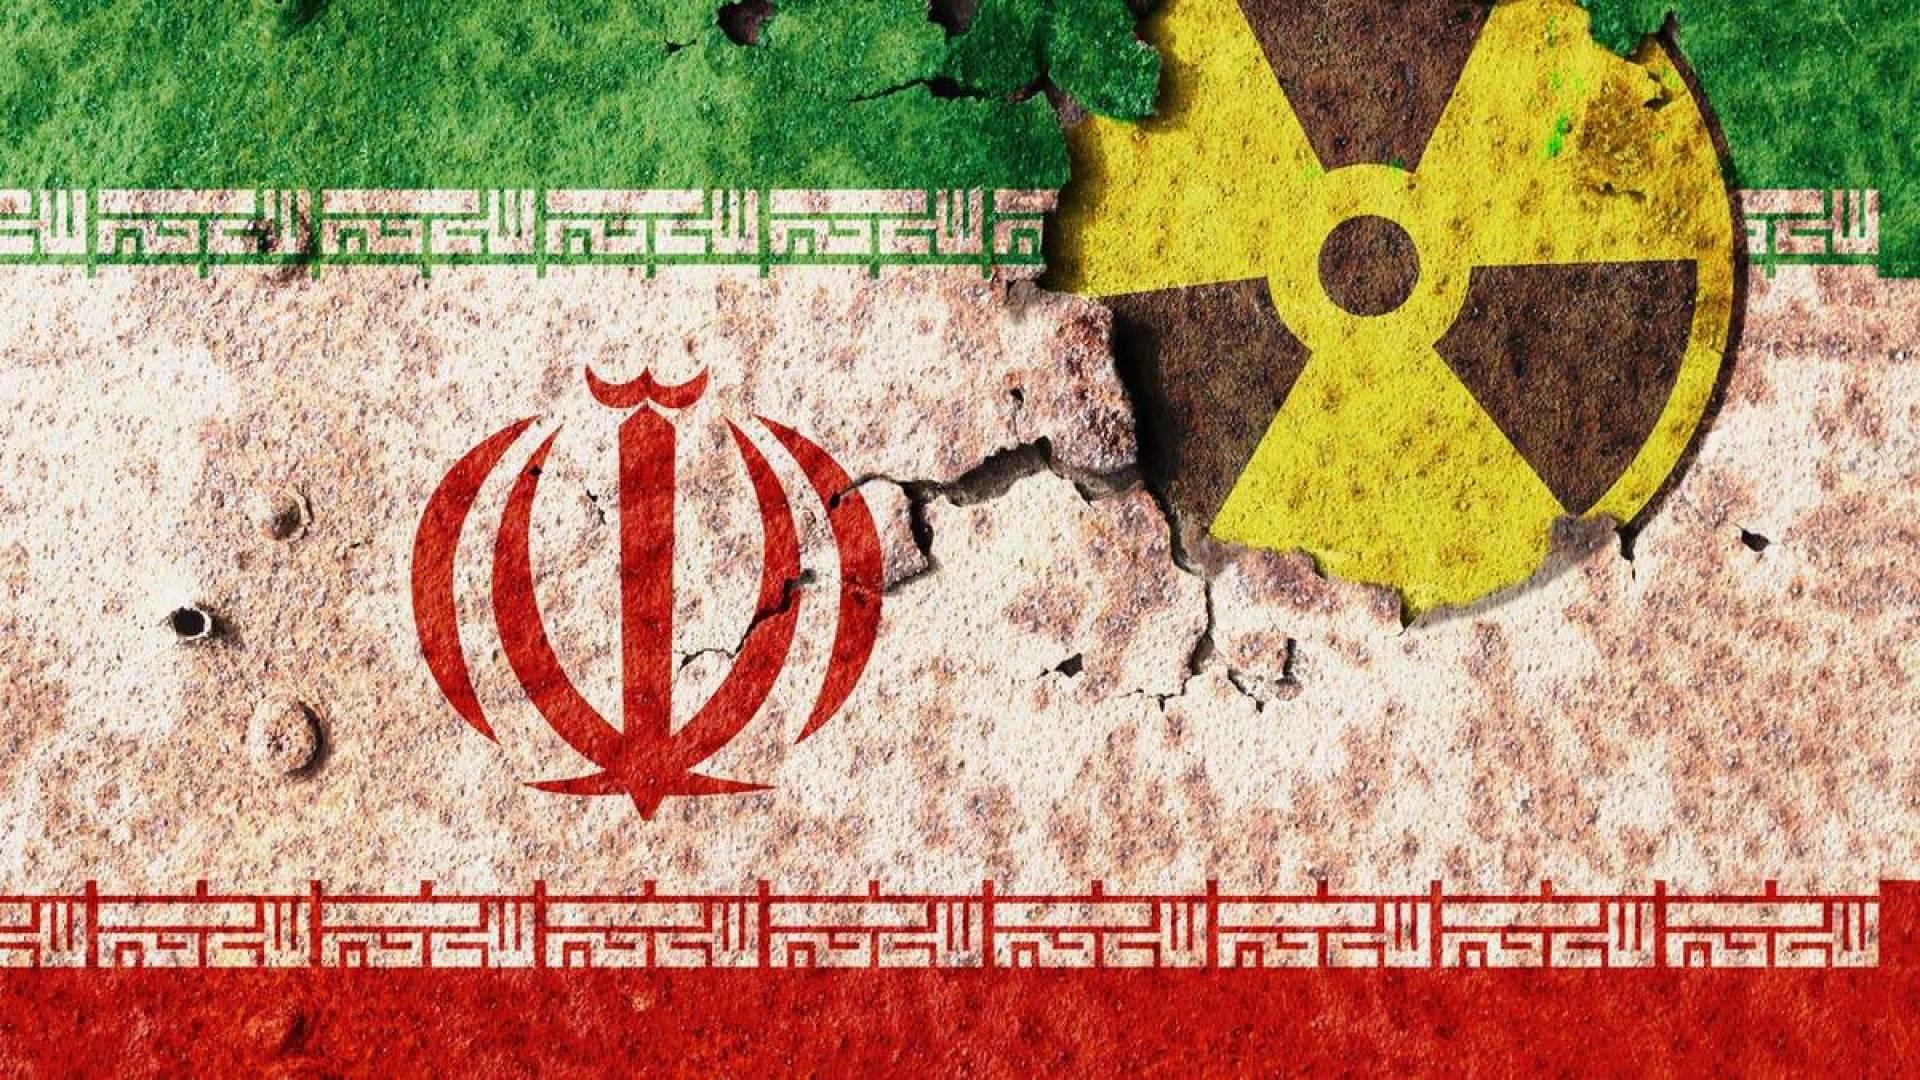 رسمياً.. إيران تستأنف تخصيب اليورانيوم بنسبة 20% في منشأة فوردو